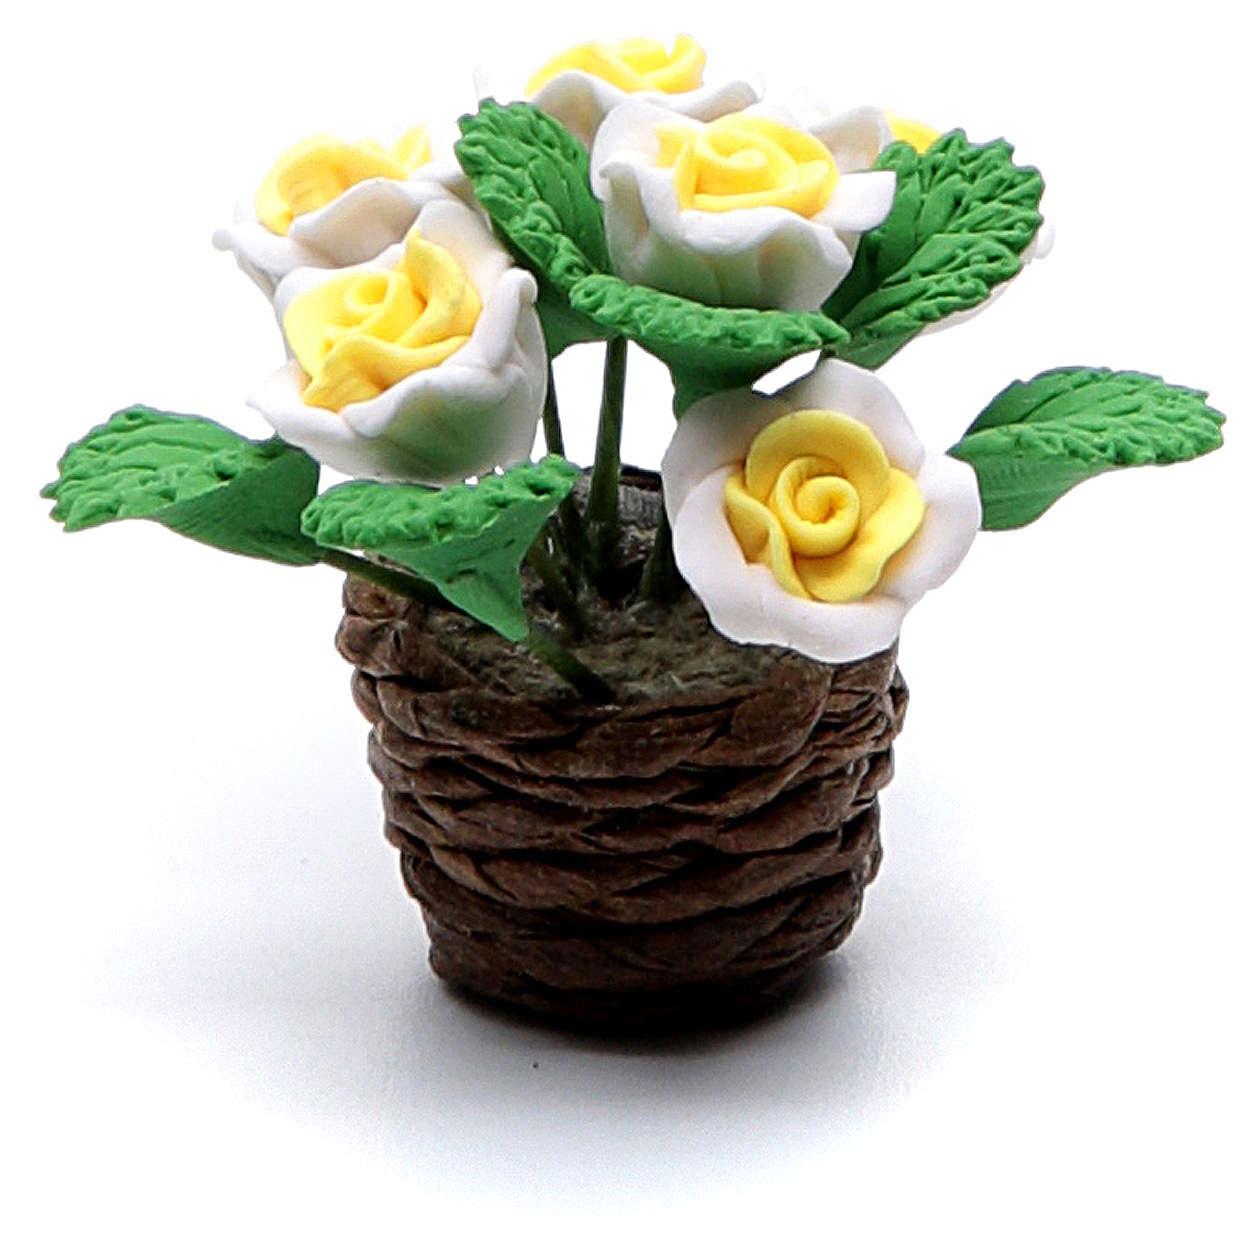 Vaso com flores acessório para presépio modelos vários 4